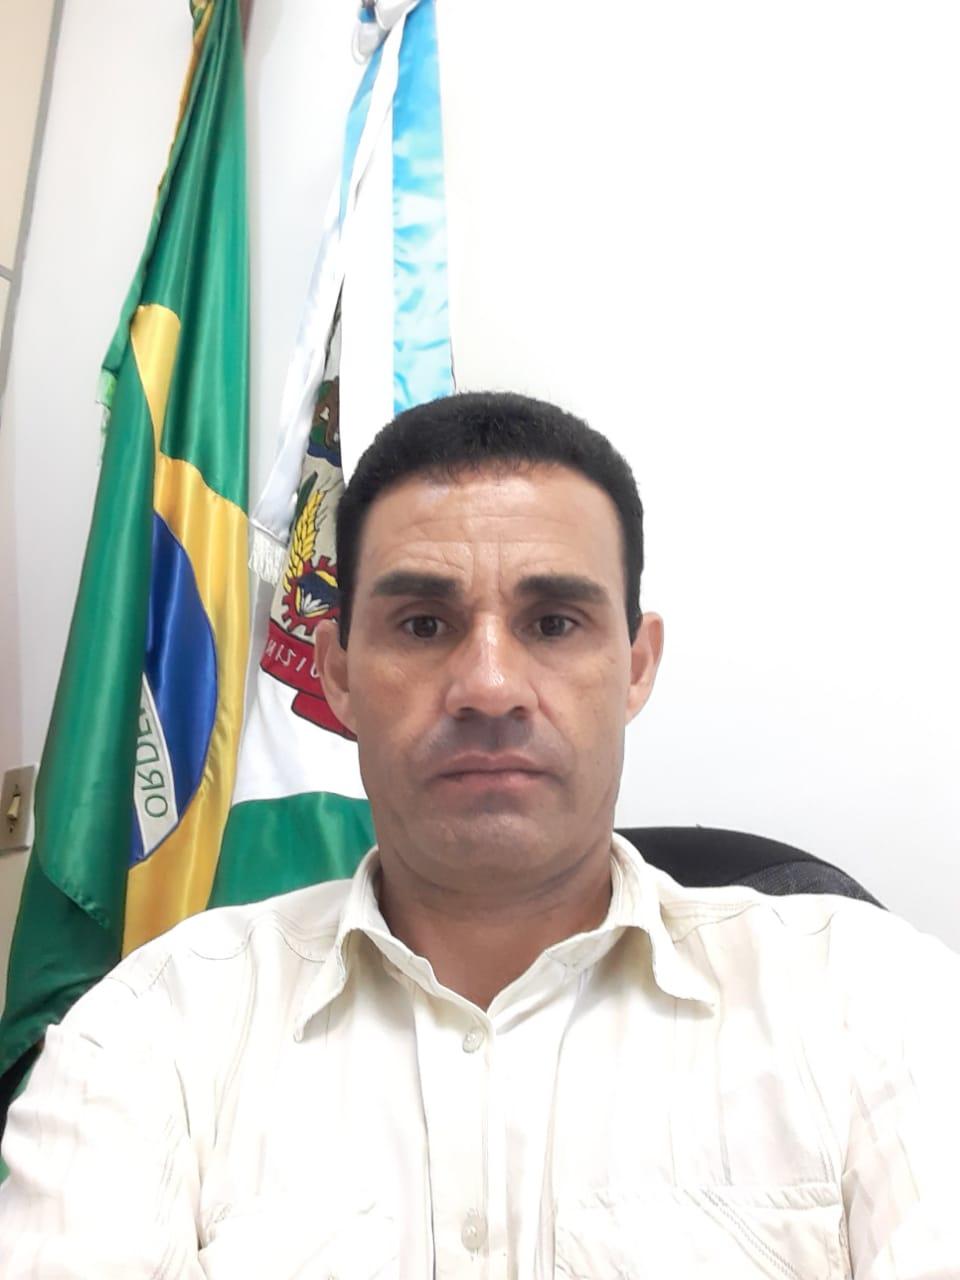 Quatro novos casos de Covid-19 foram registrados em Jacuizinho